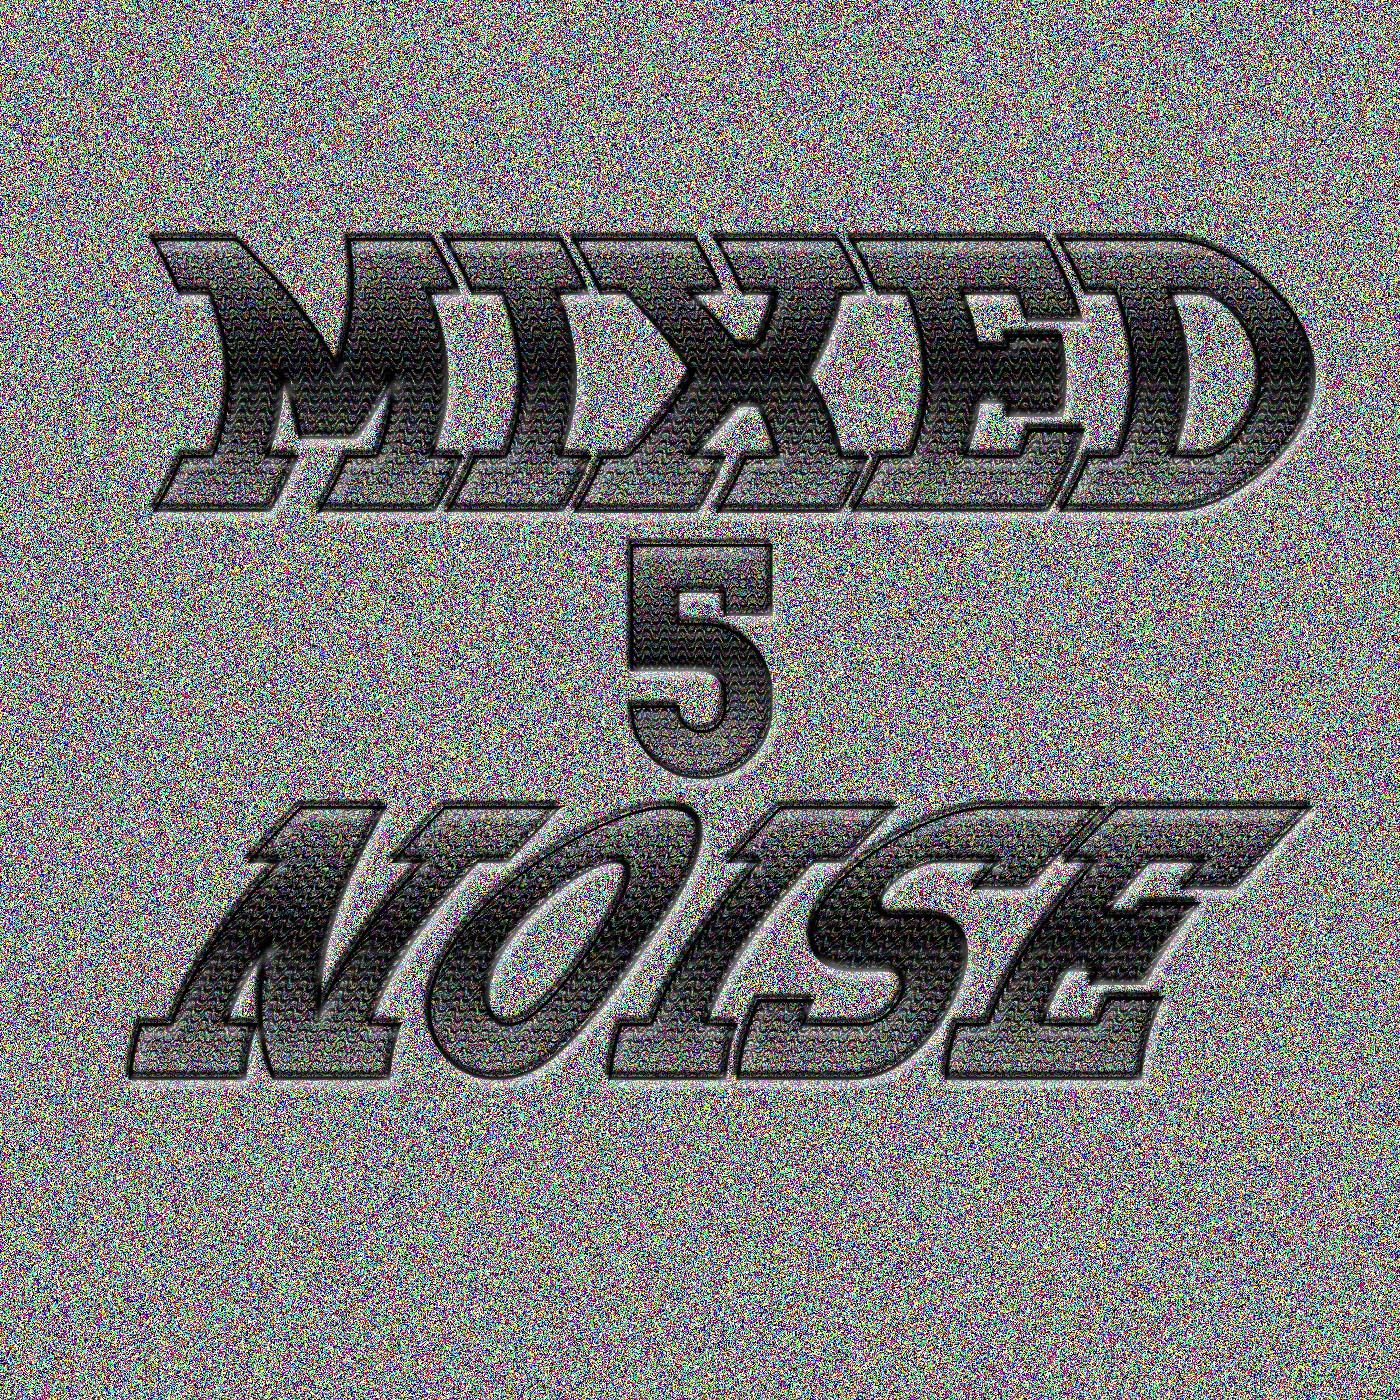 mixednoiselogo5